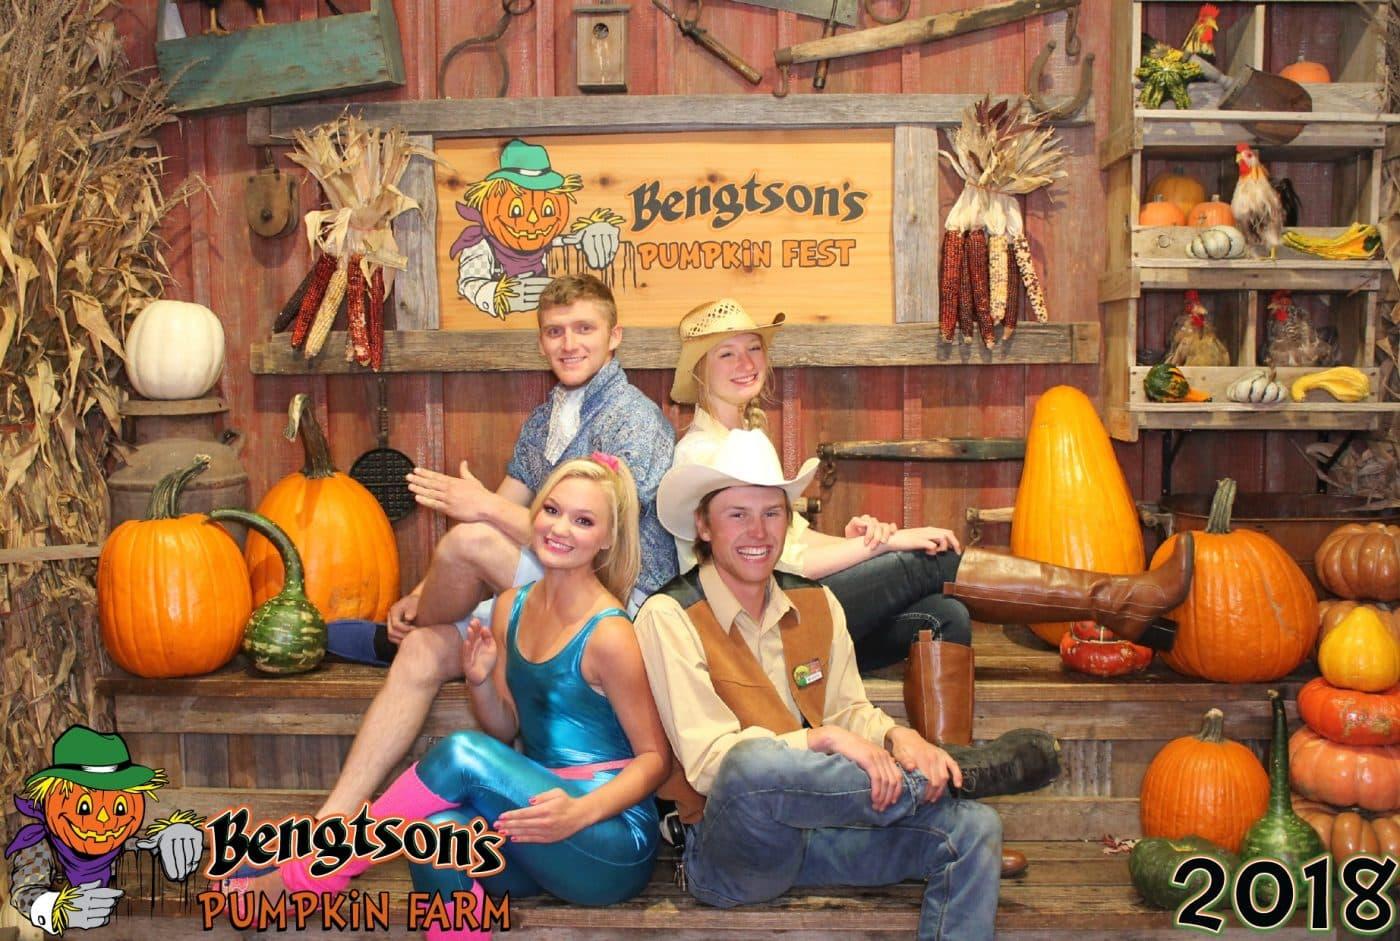 Family Photo at Bengtson Farm